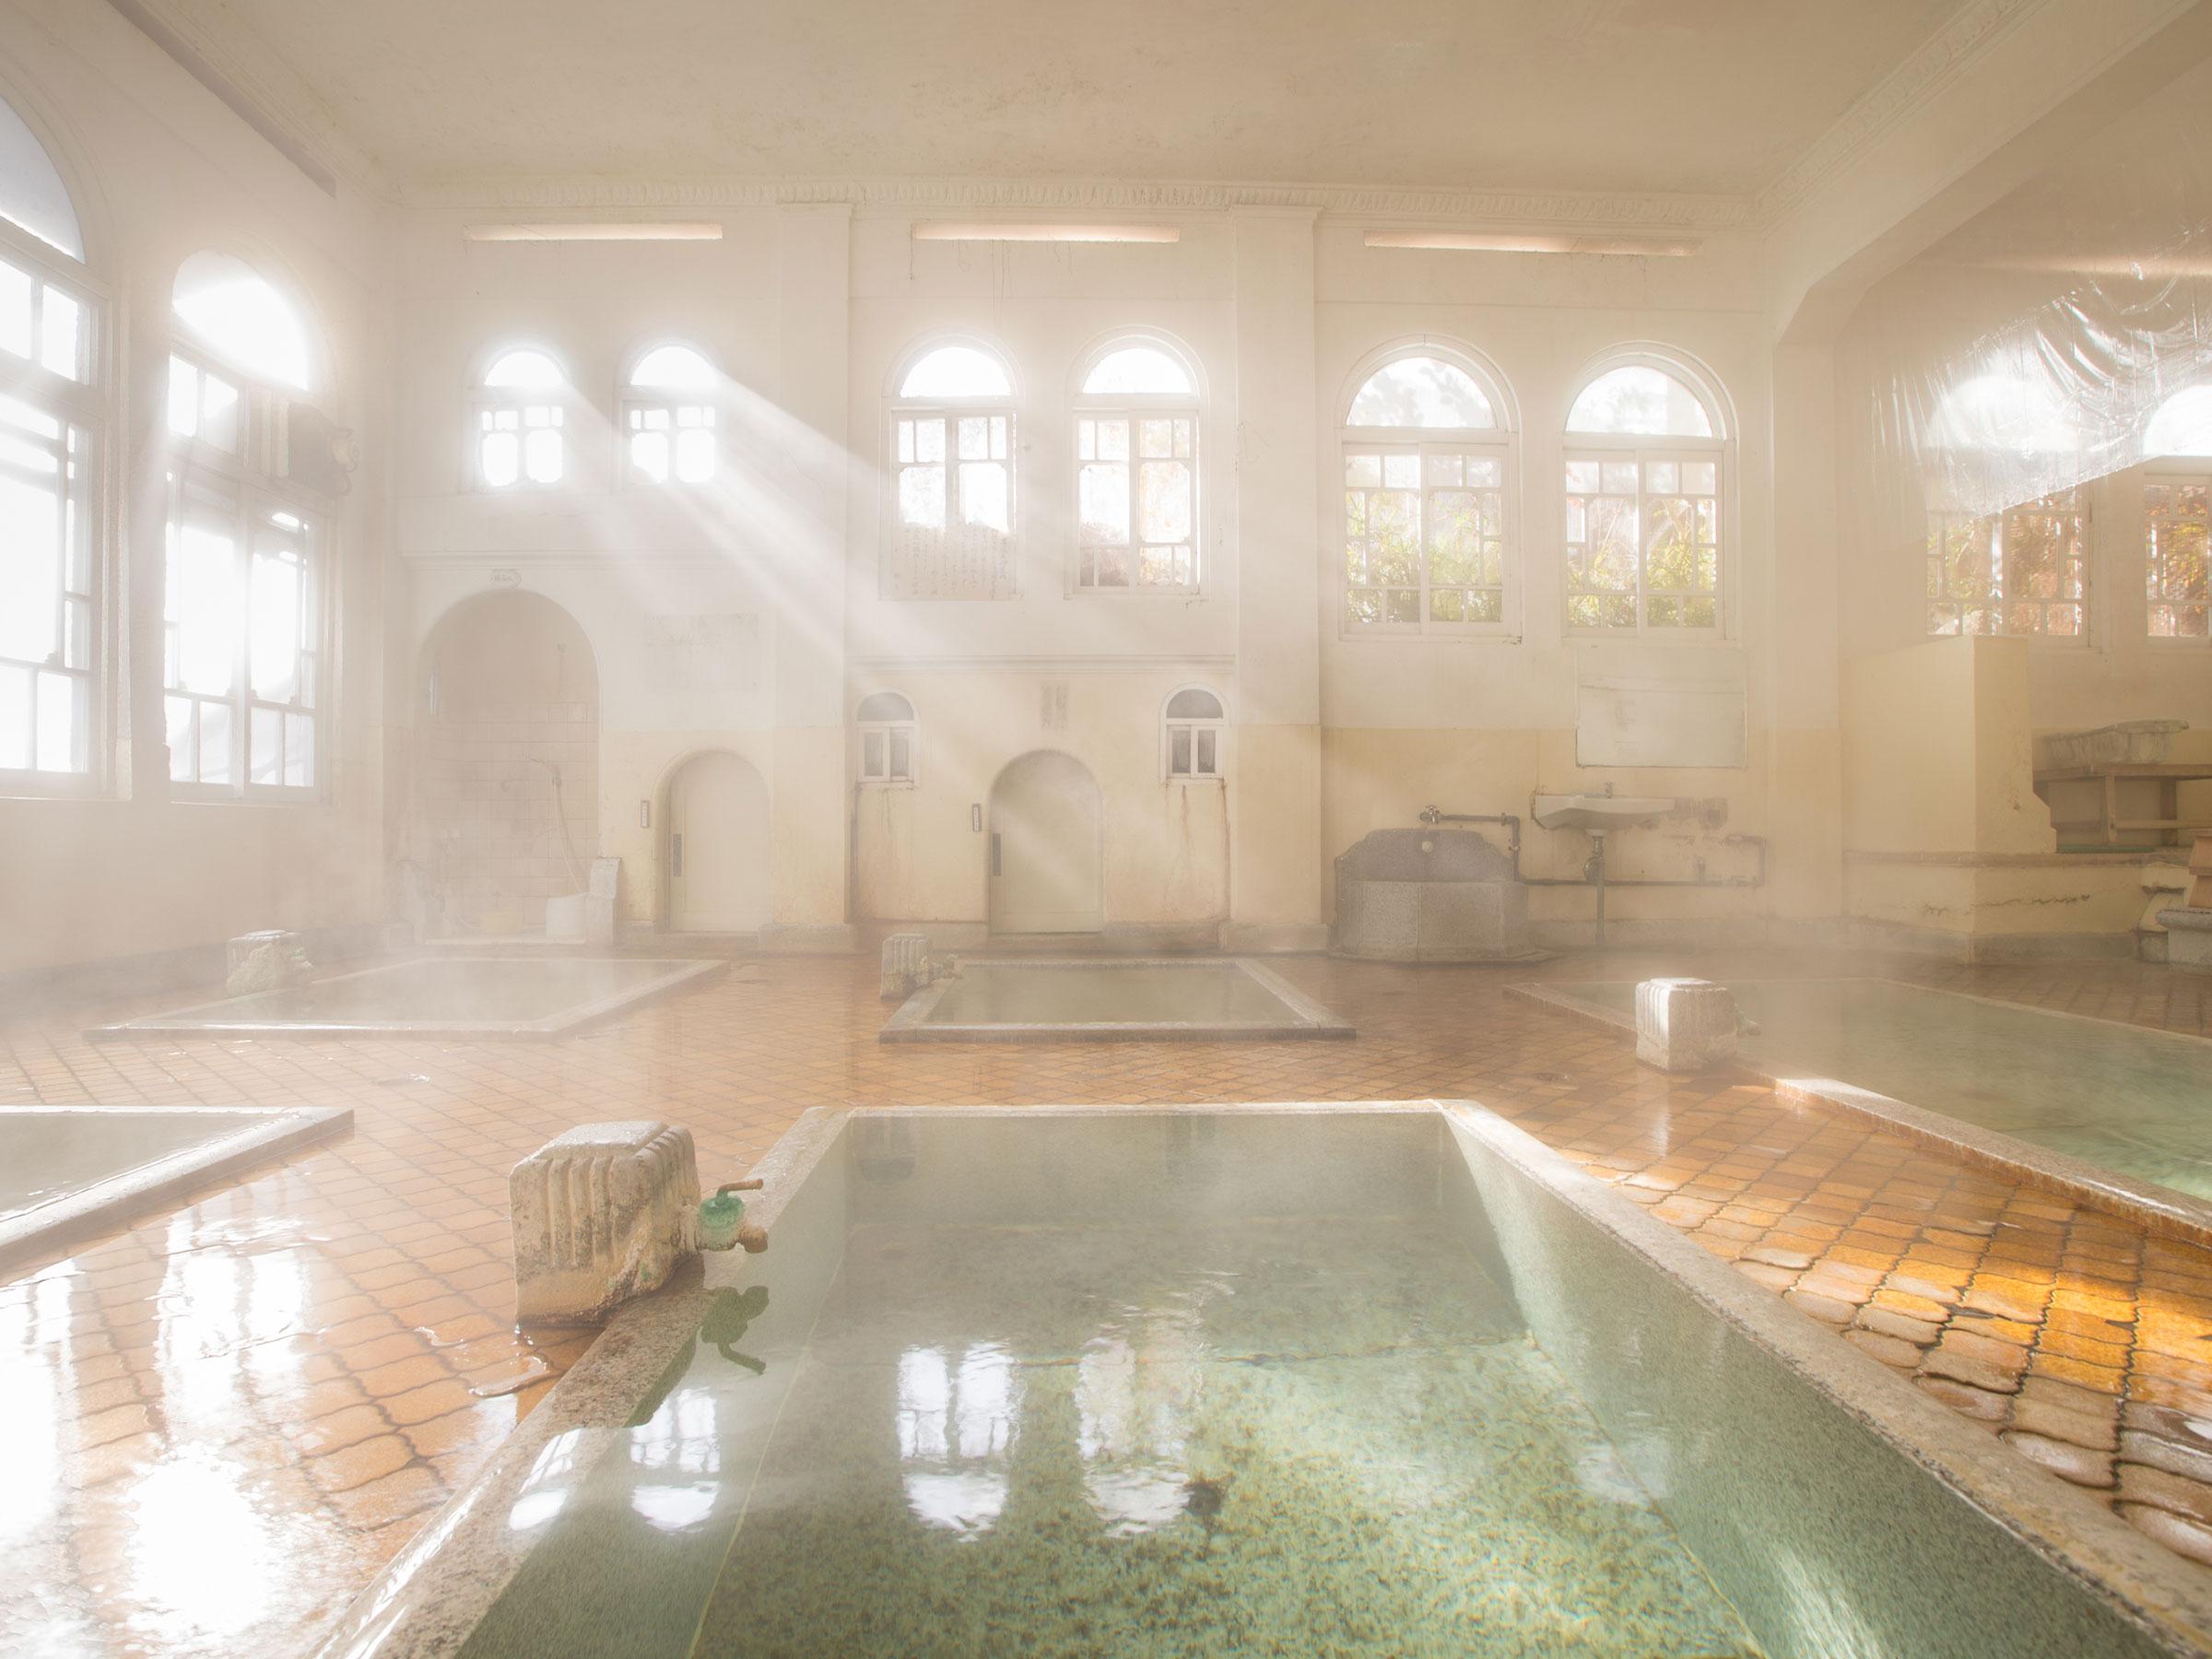 窓から朝日が降り注ぐ四万温泉の宿 「積善館」の神々しい浴場で湯に浸る – 最新ライフスタイルニュース一覧 – 楽天WOMAN